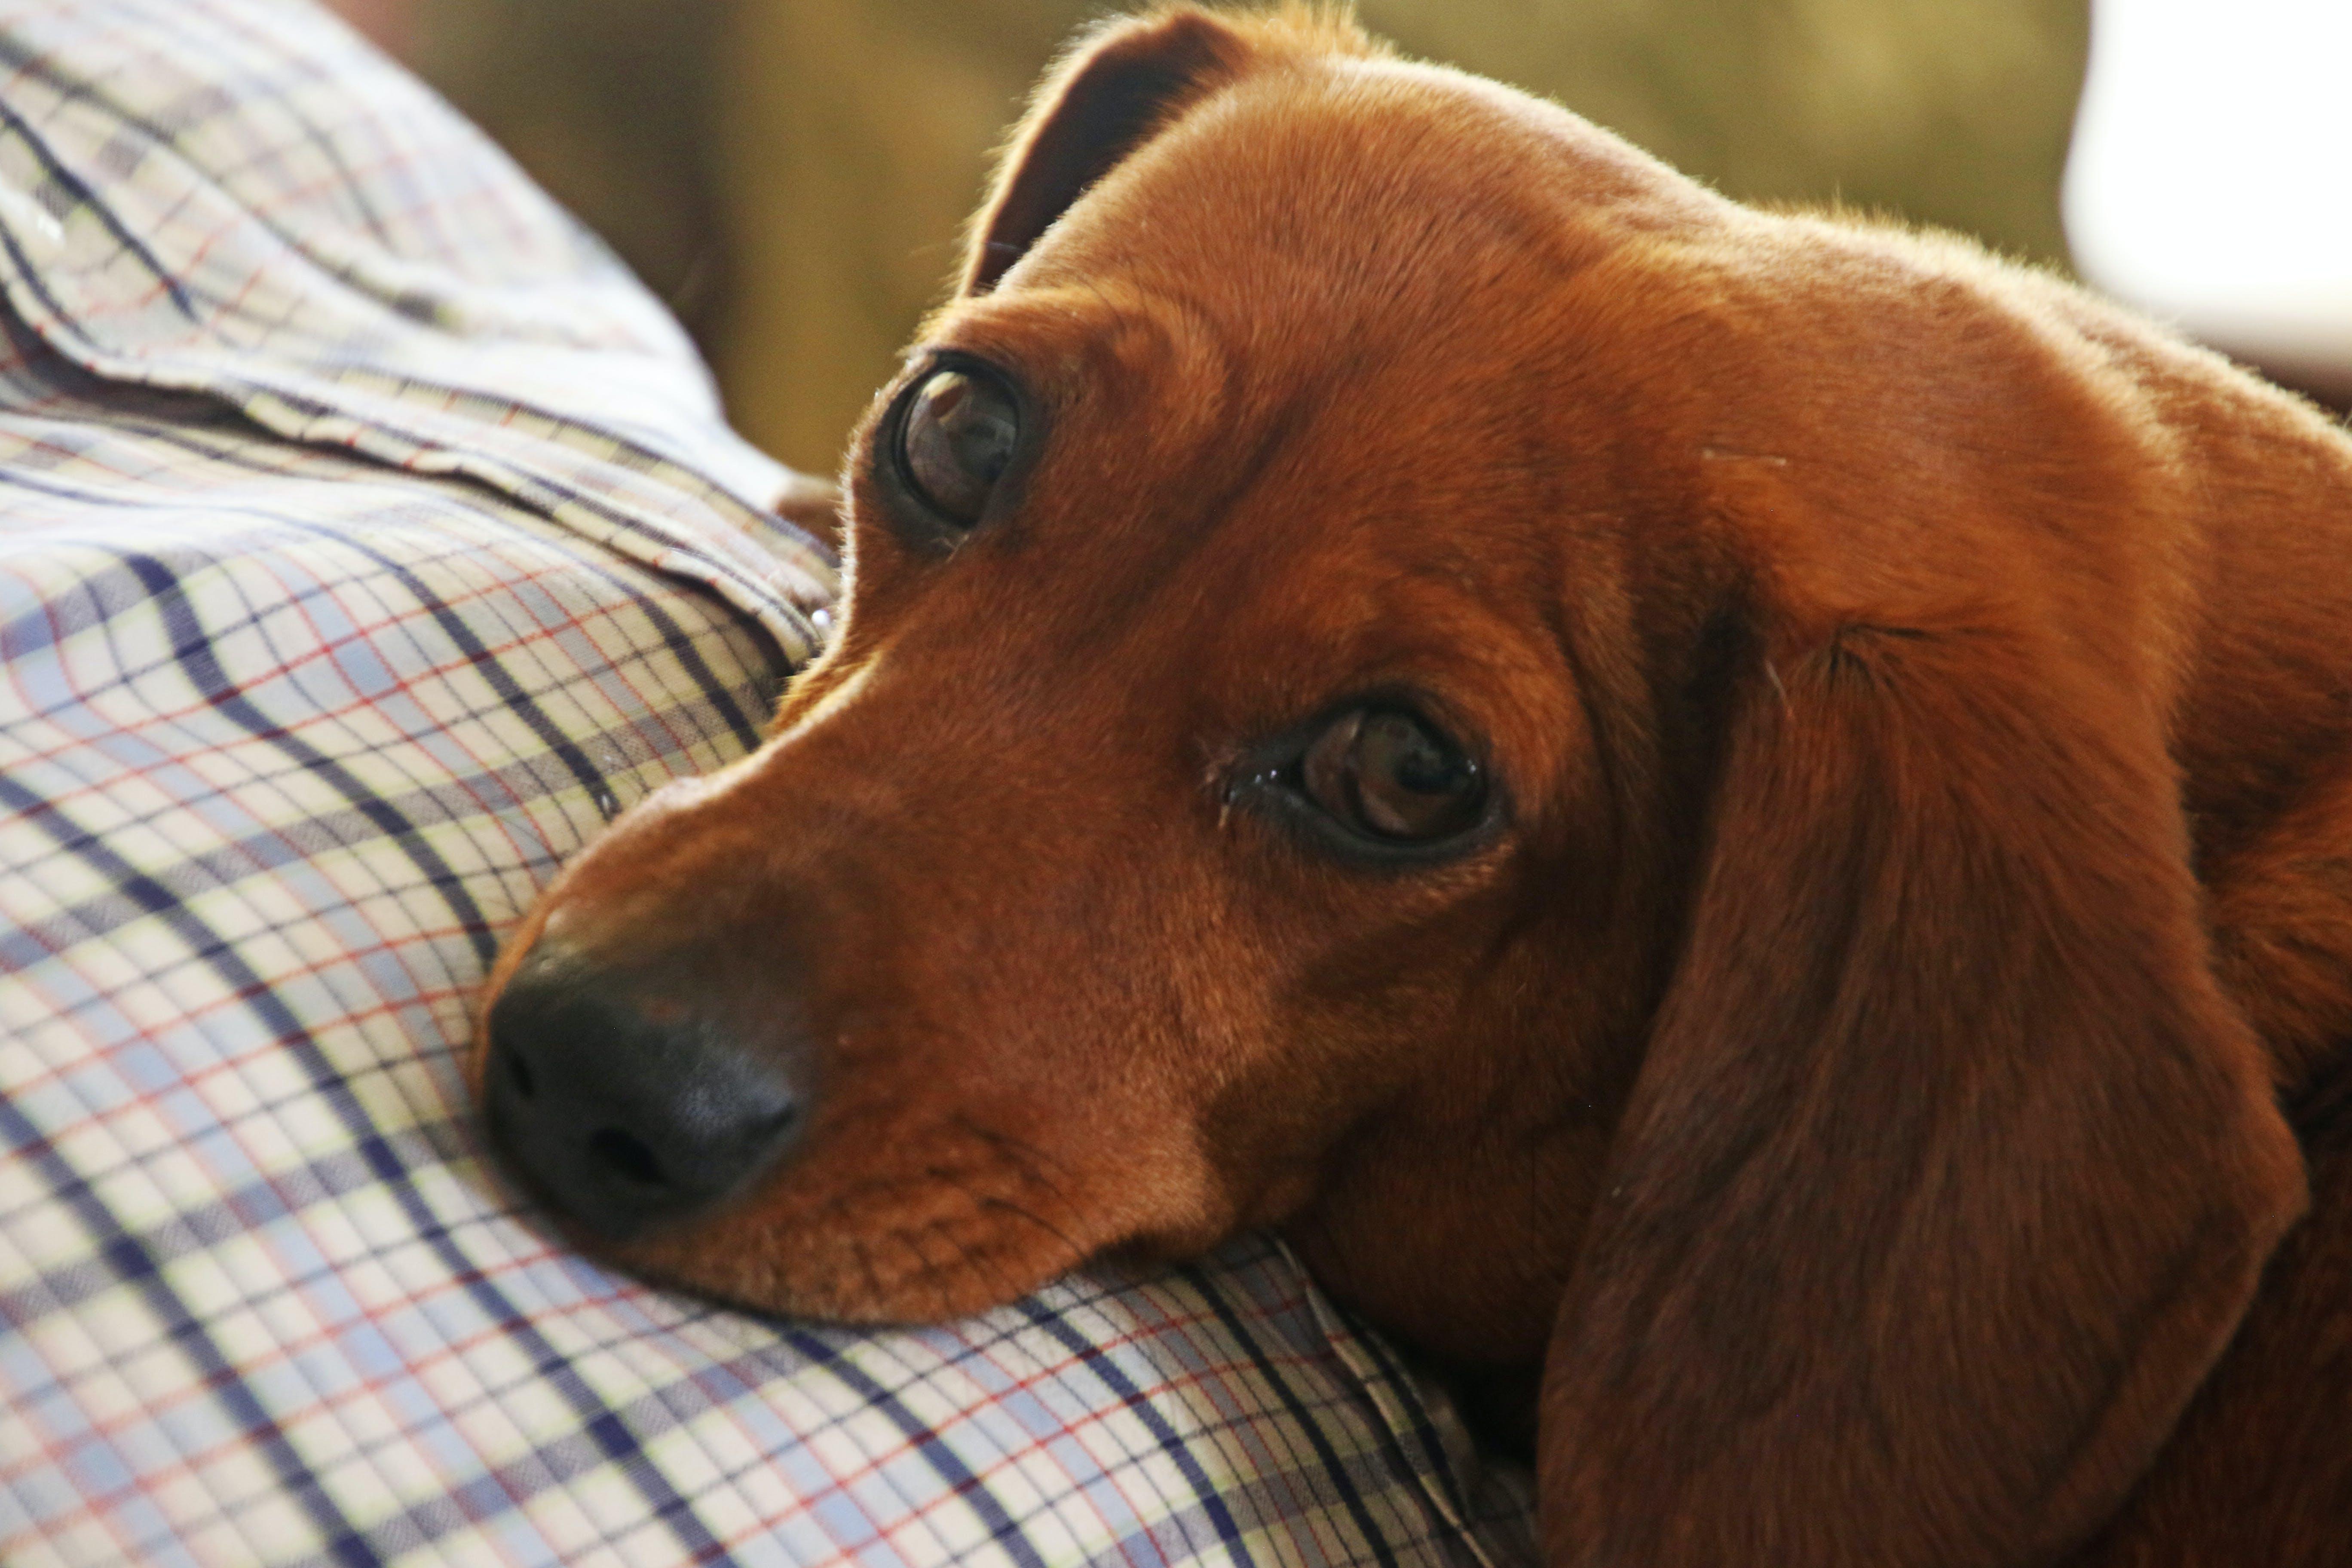 Δωρεάν στοκ φωτογραφιών με dachshund, αυτιά, βλέπω, γκρο πλαν